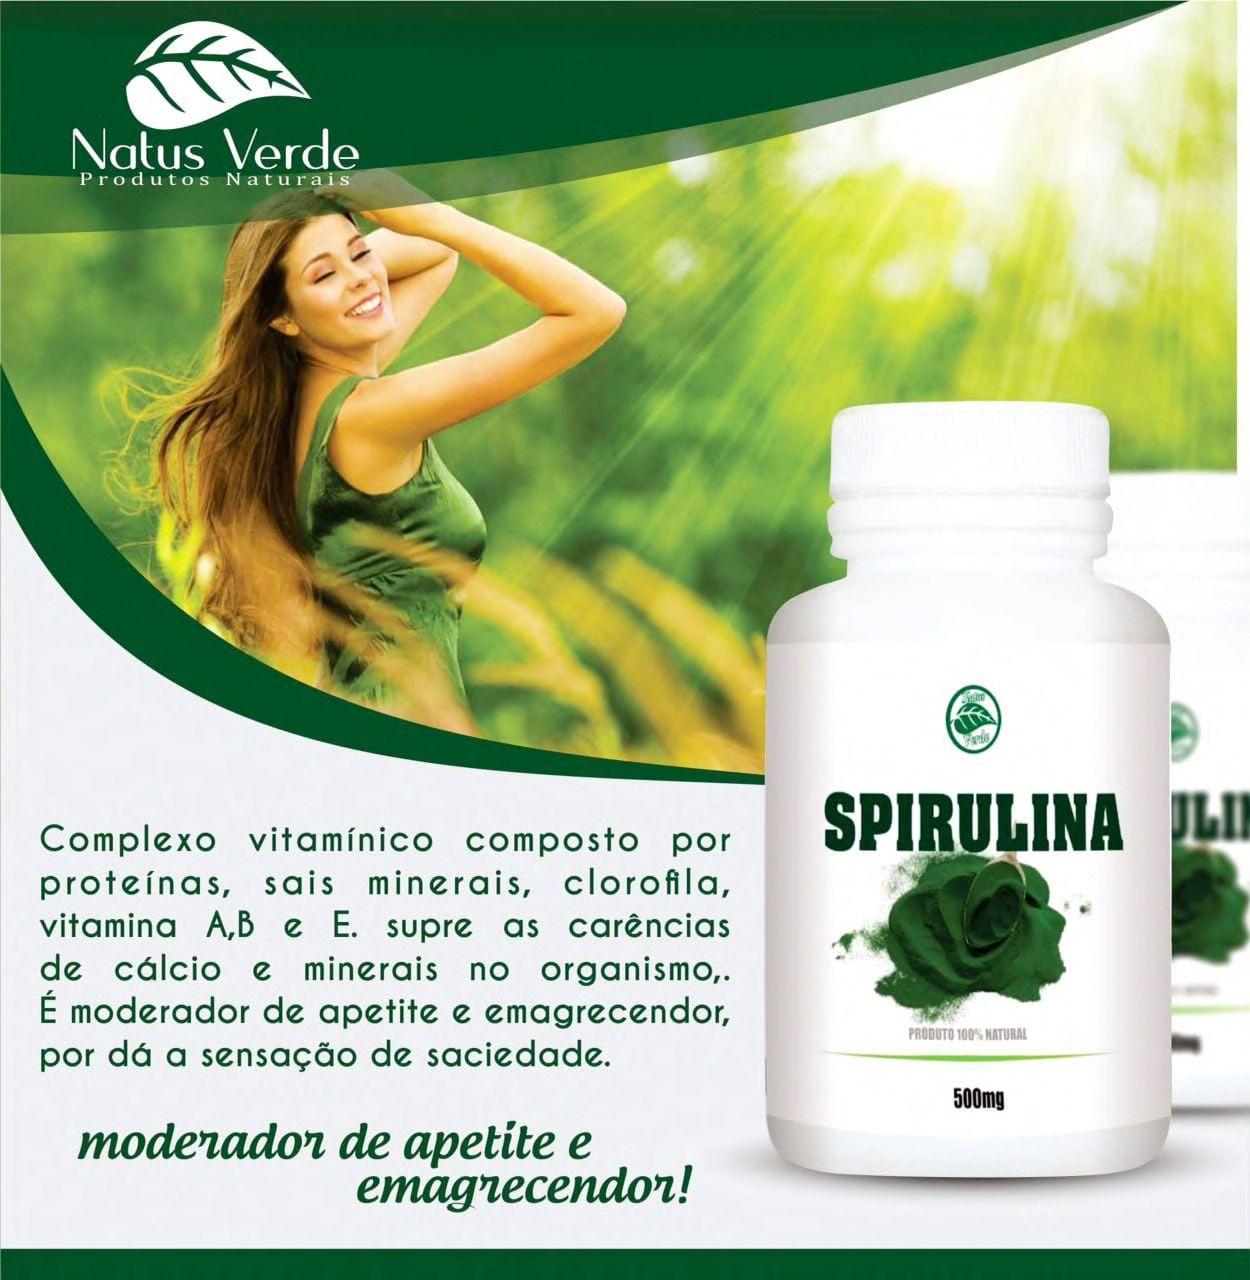 Regulador de Apetite Spirulina 60 Caps Natus Verde  - Fribasex - Fabricasex.com